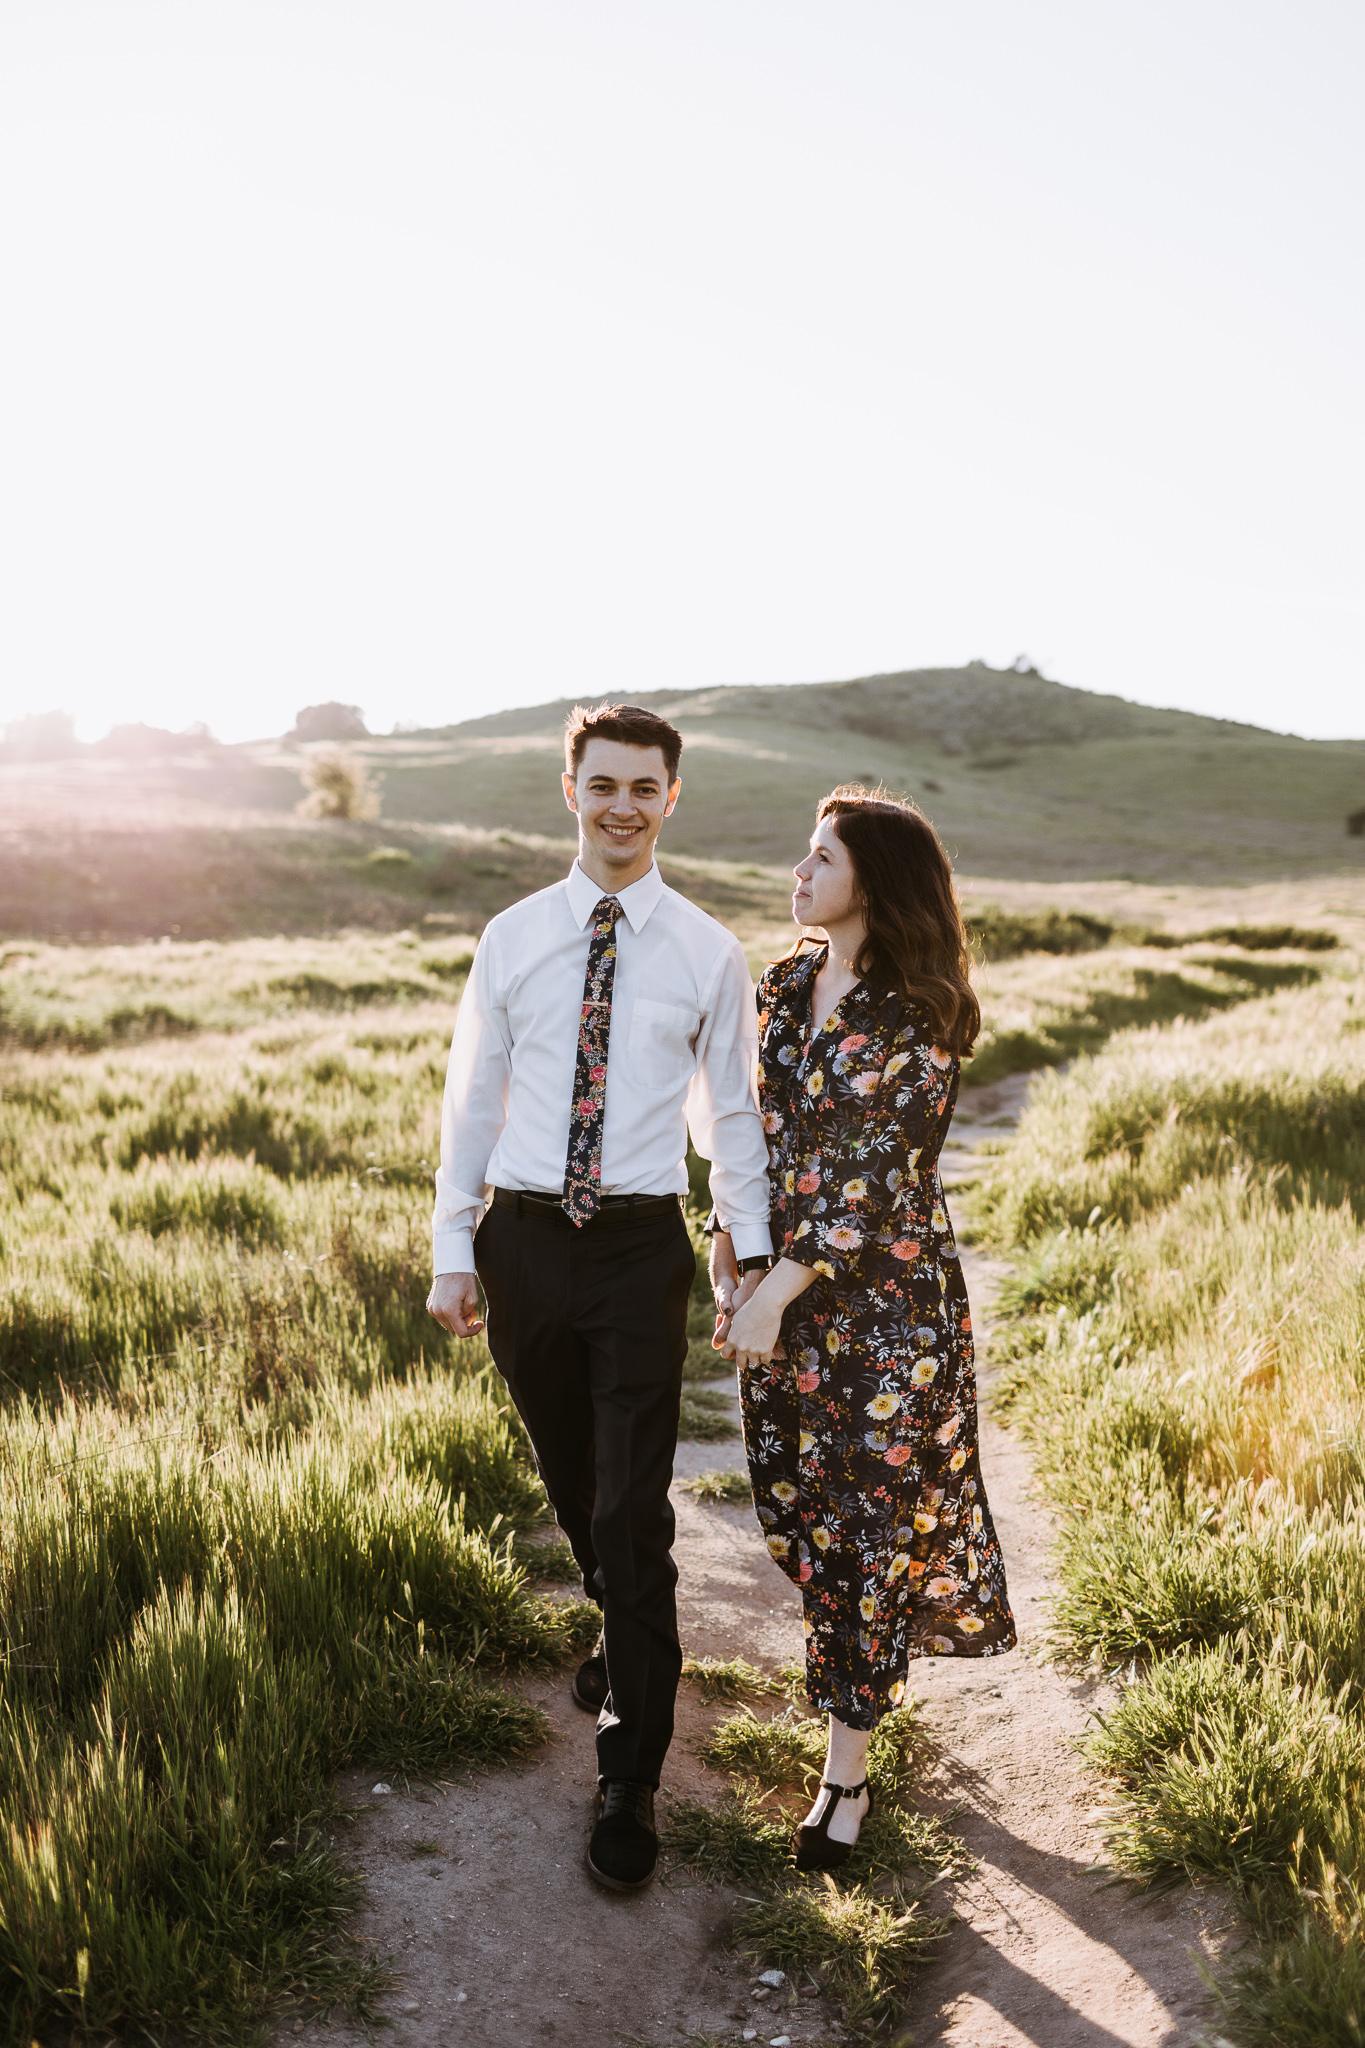 OrangeCounty-WeddingPhotographer-MeredithLynnePhotography-12.jpg